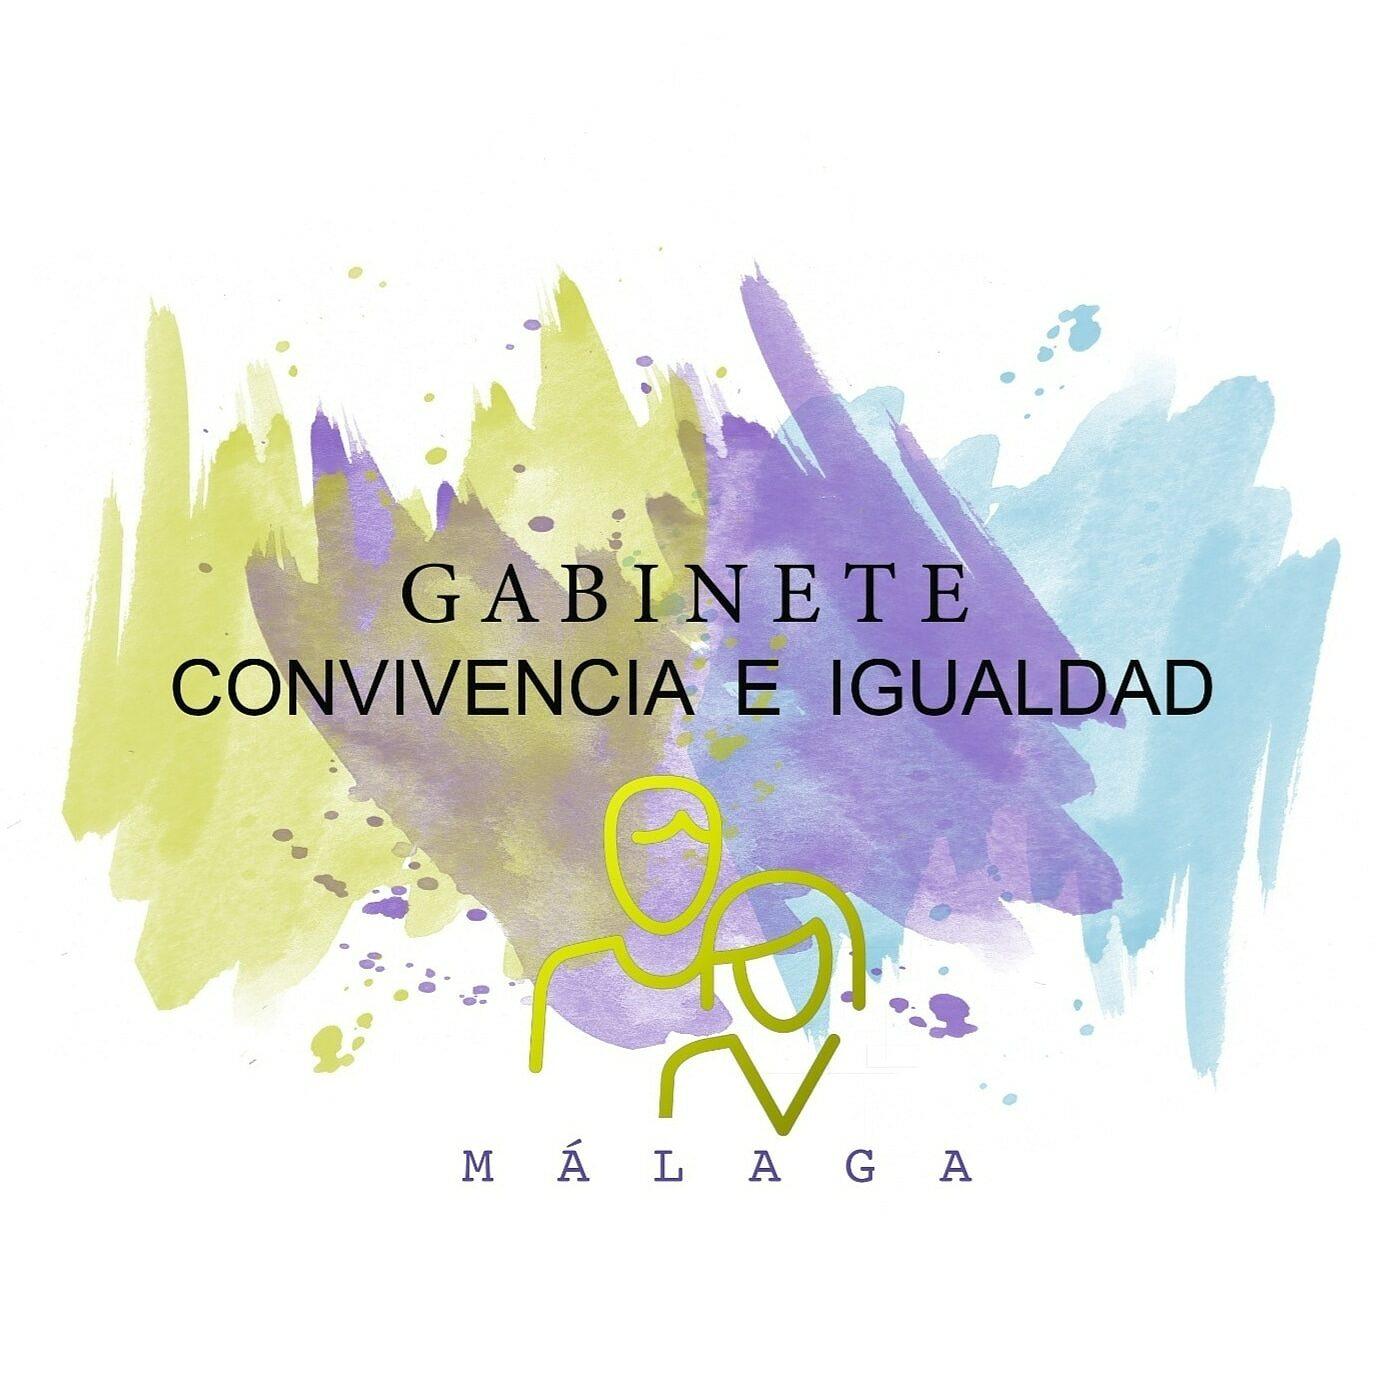 Blog de Valores, Málaga